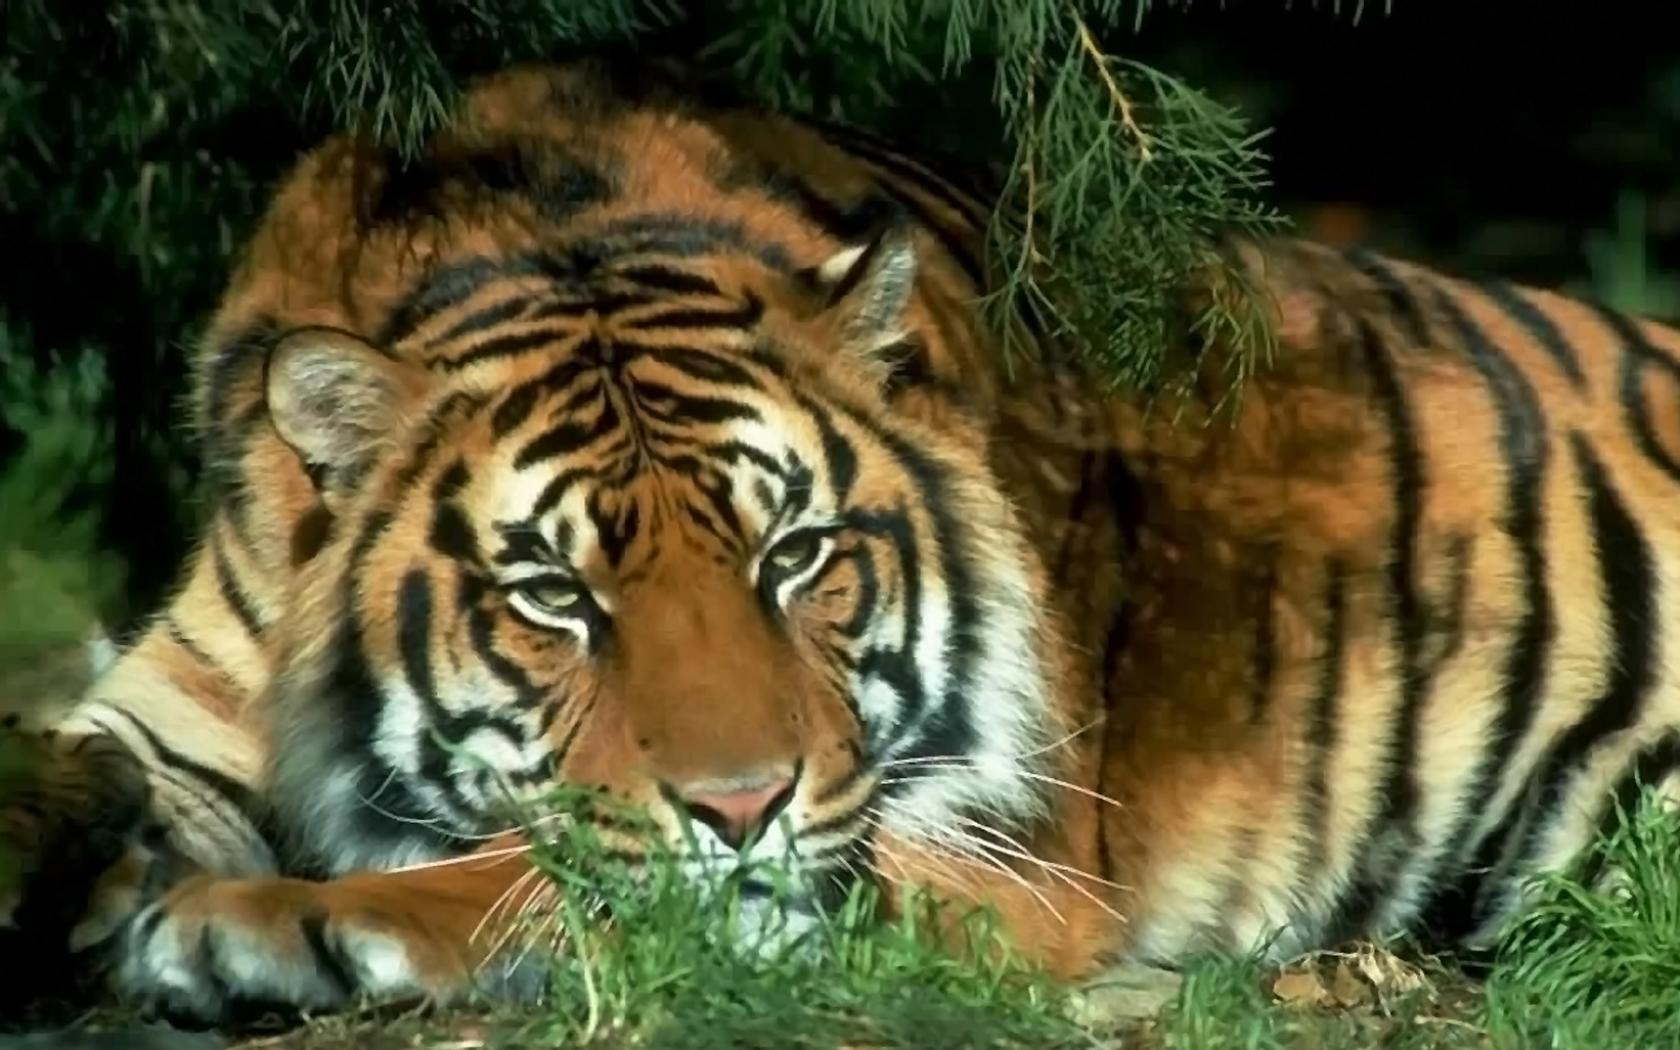 ᐈ тигра: фотография и рисунок морда тигра, скачать картинки на.